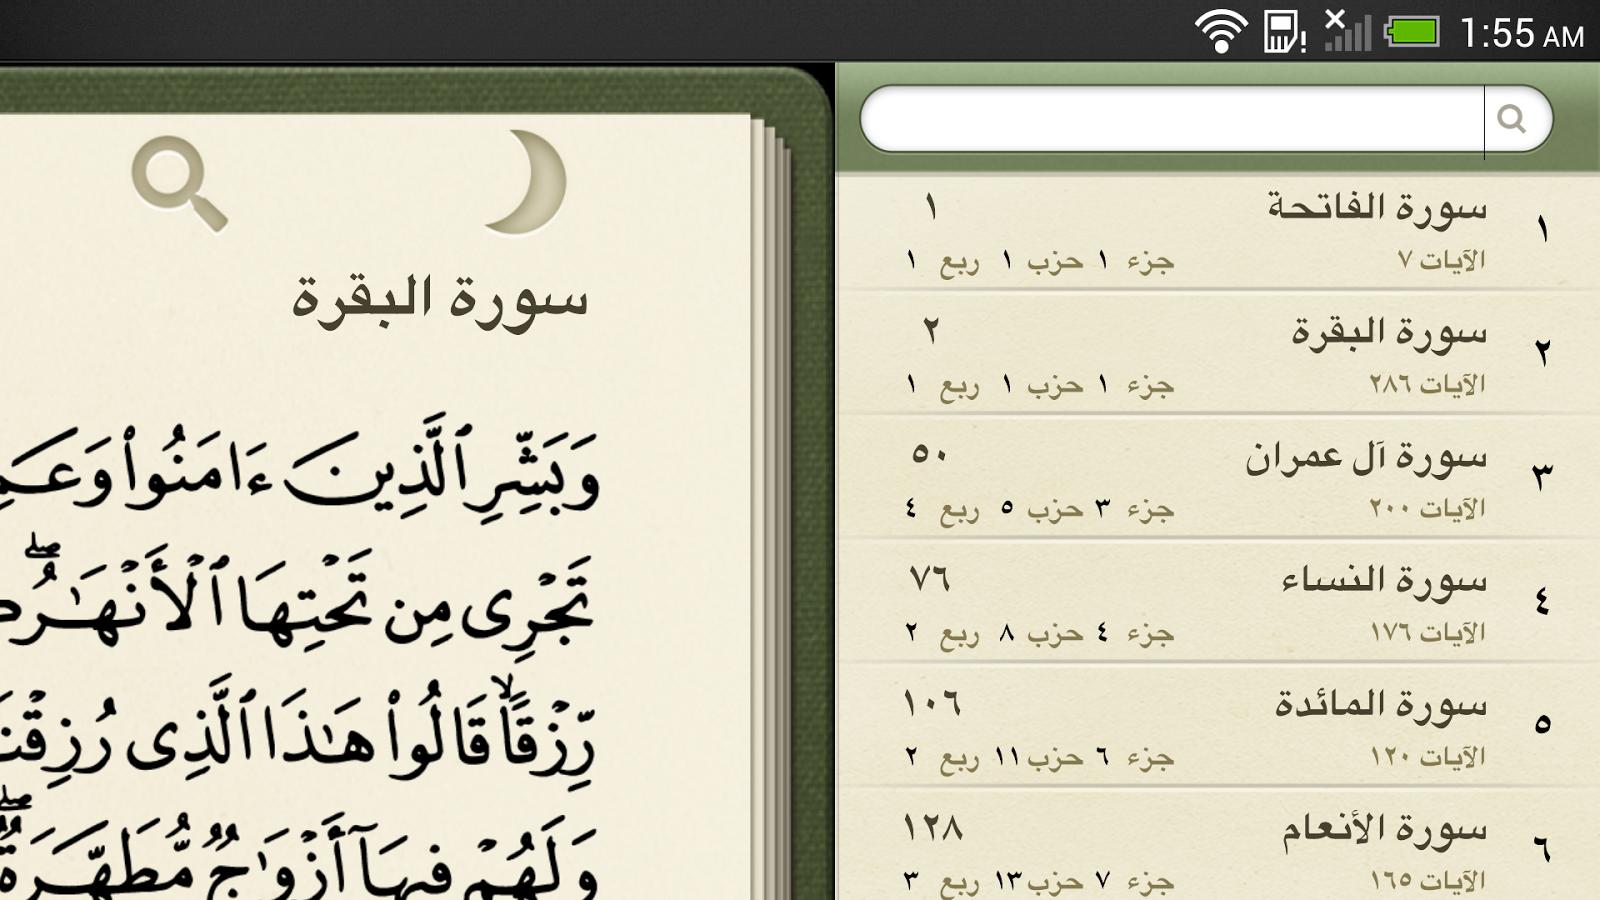 تطبيق القرآن الكريم Android Apps On Google Play